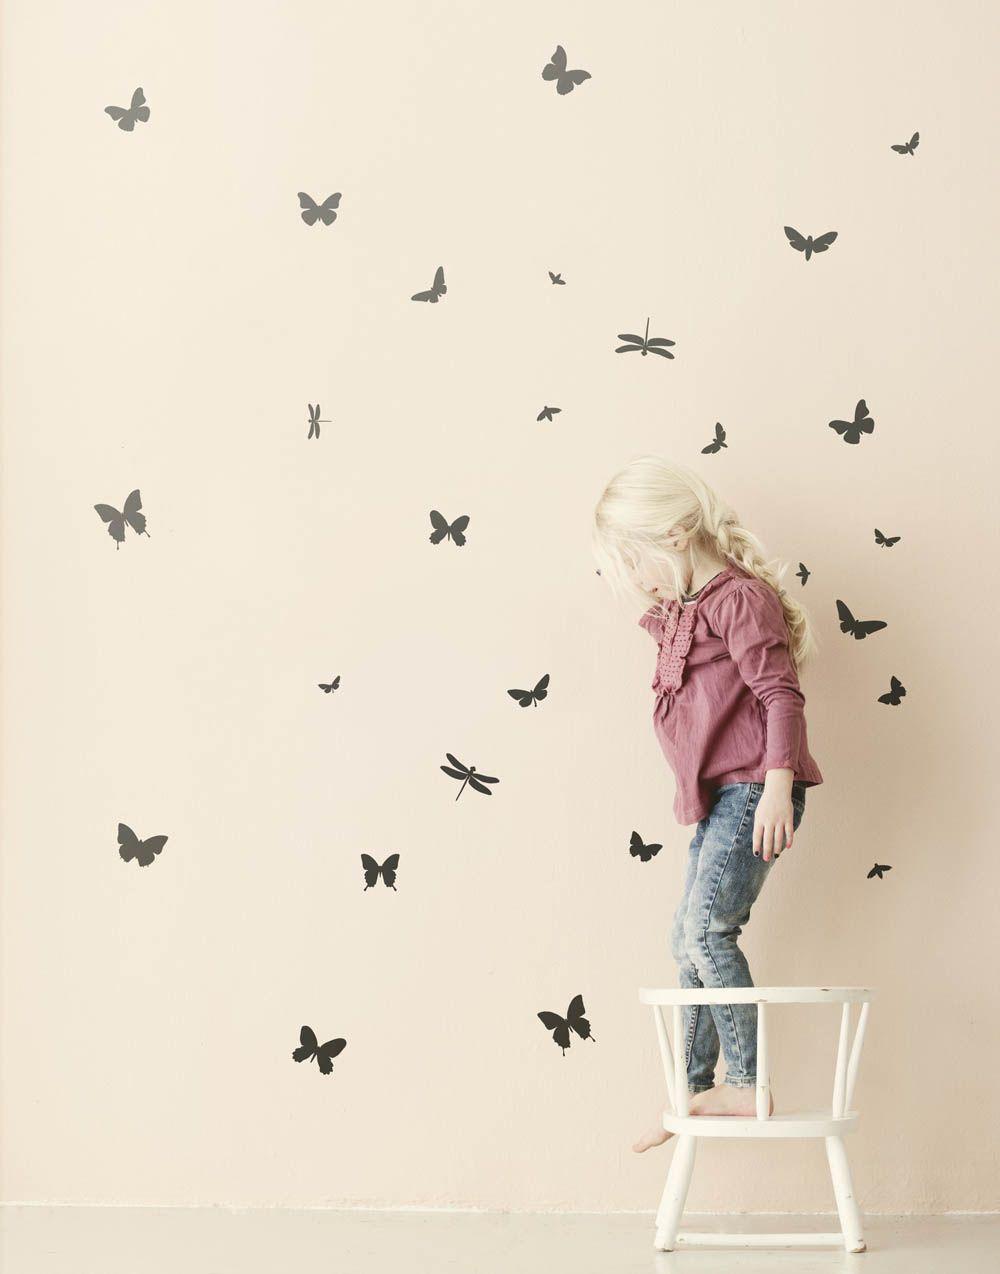 Erstaunlich Wandtattoo Schmetterling Dekoration Von Ferm Living - Entzückendes Design Aus Skandinavien